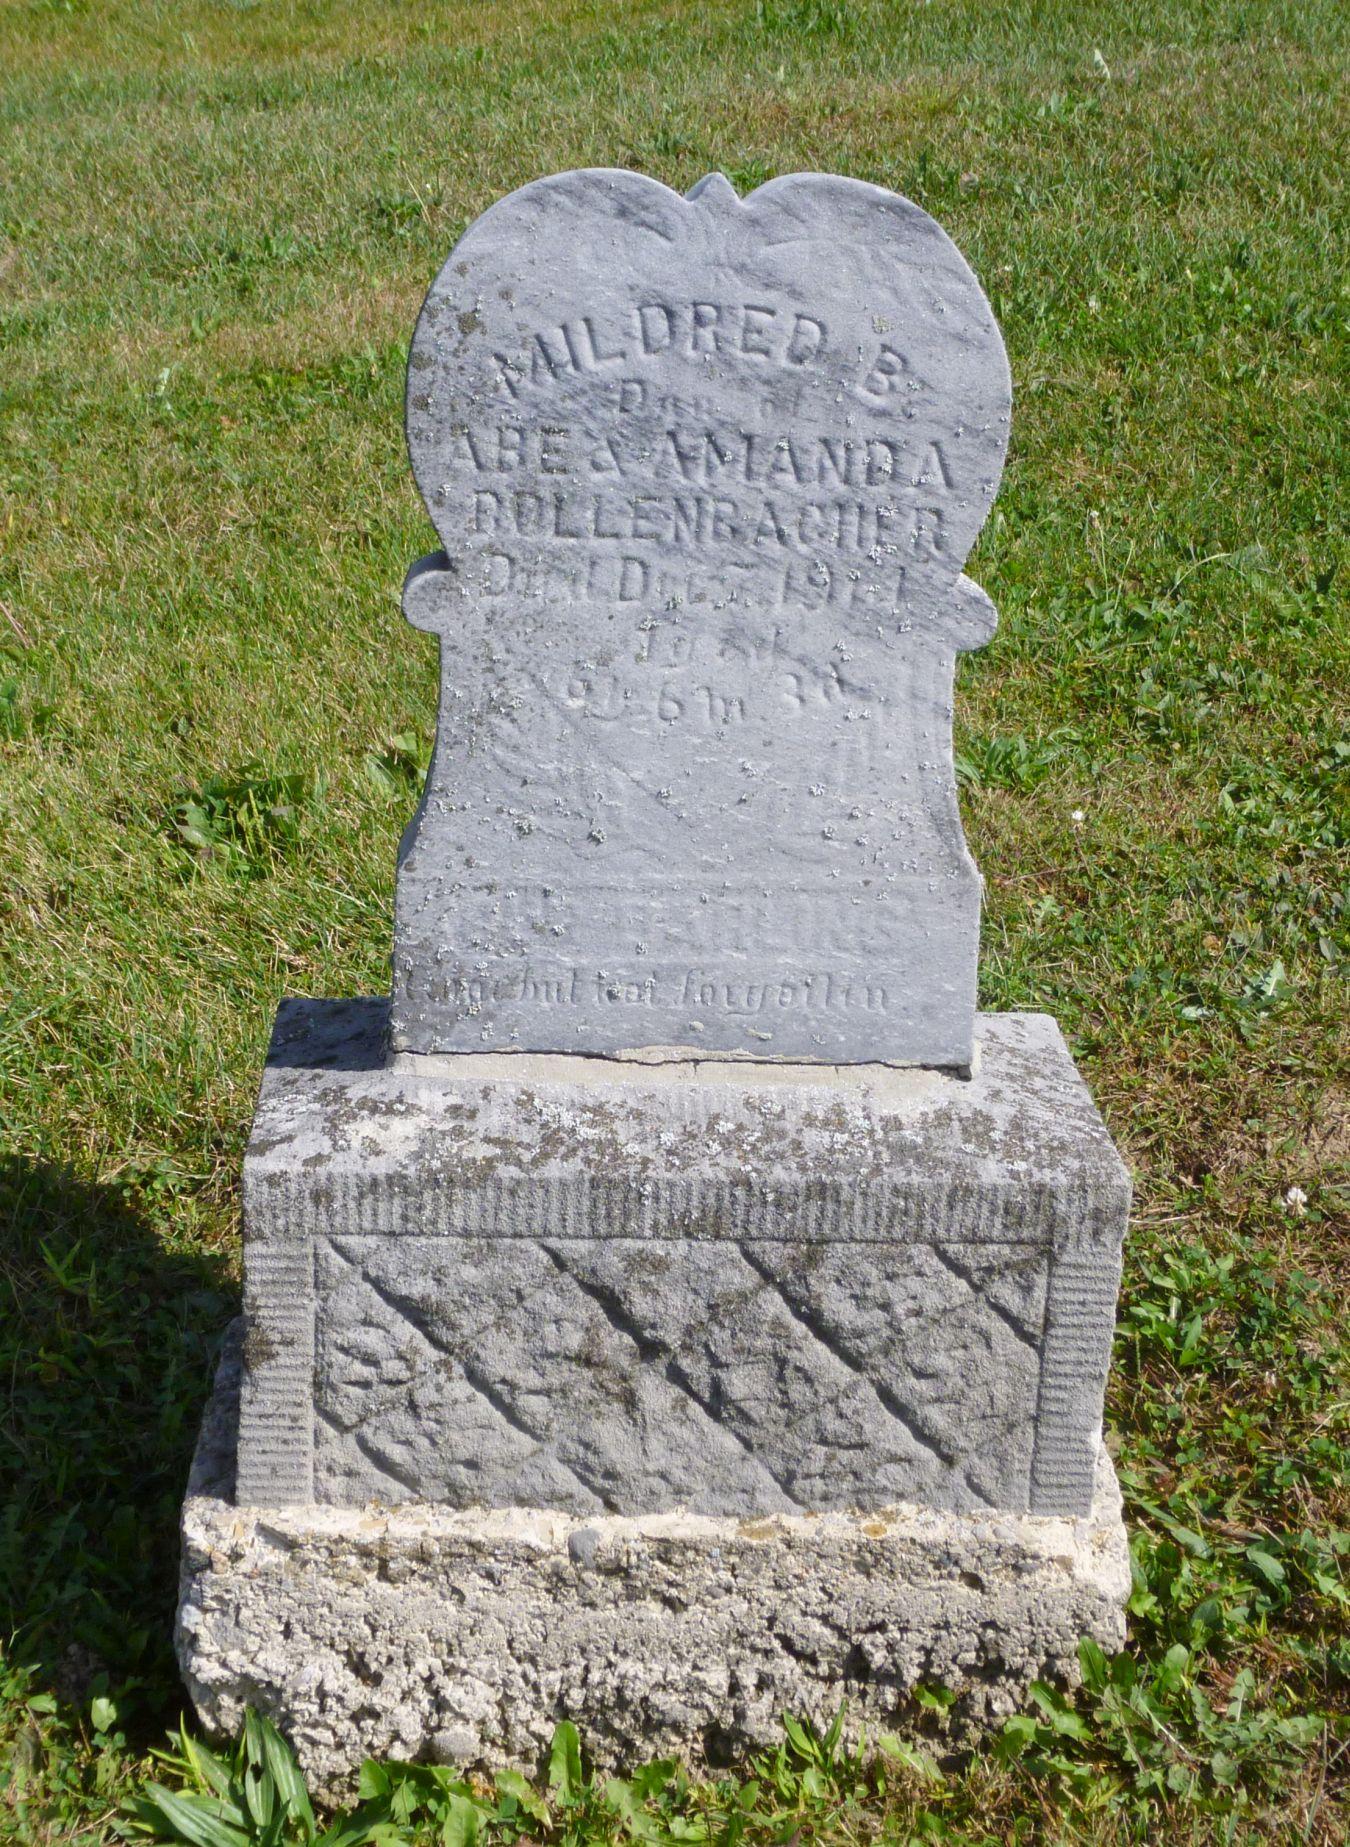 Ohio mercer county rockford - Mildred B Bollenbacher Kessler Cemetery Mercer County Ohio 2017 Photo By Karen